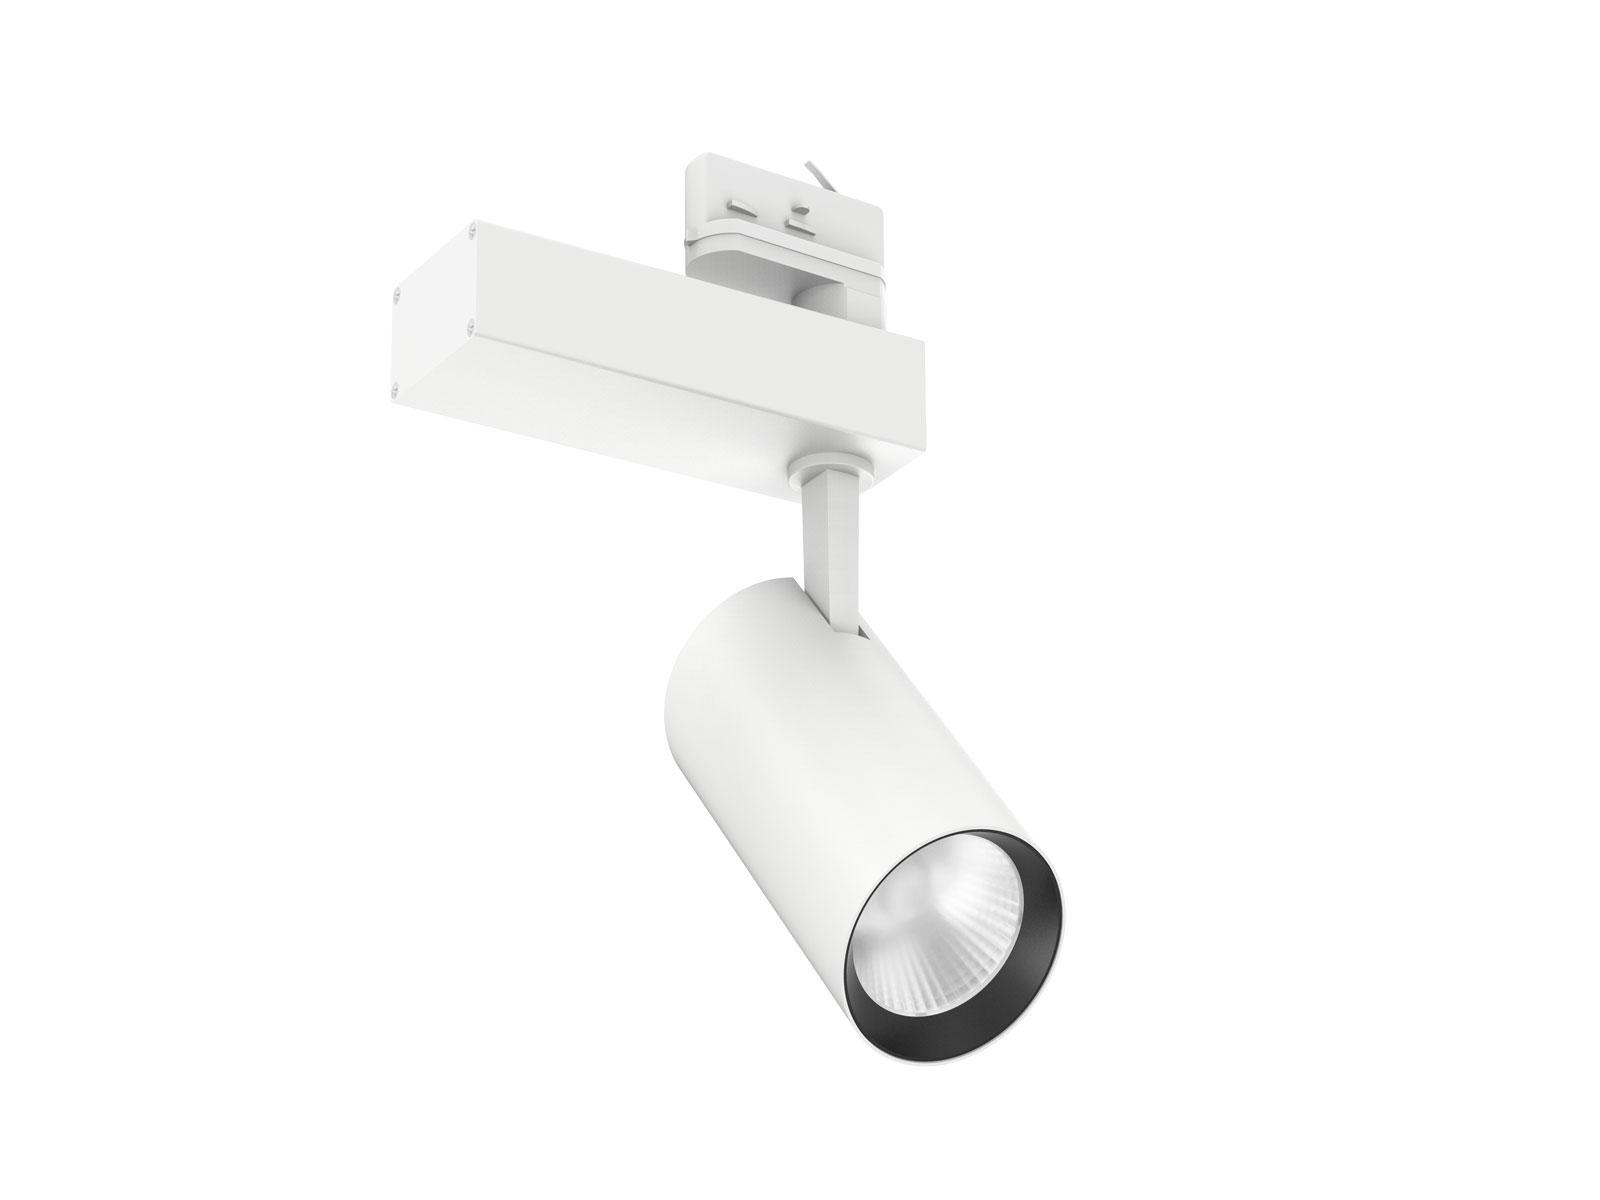 tl29f high cri led track lighting